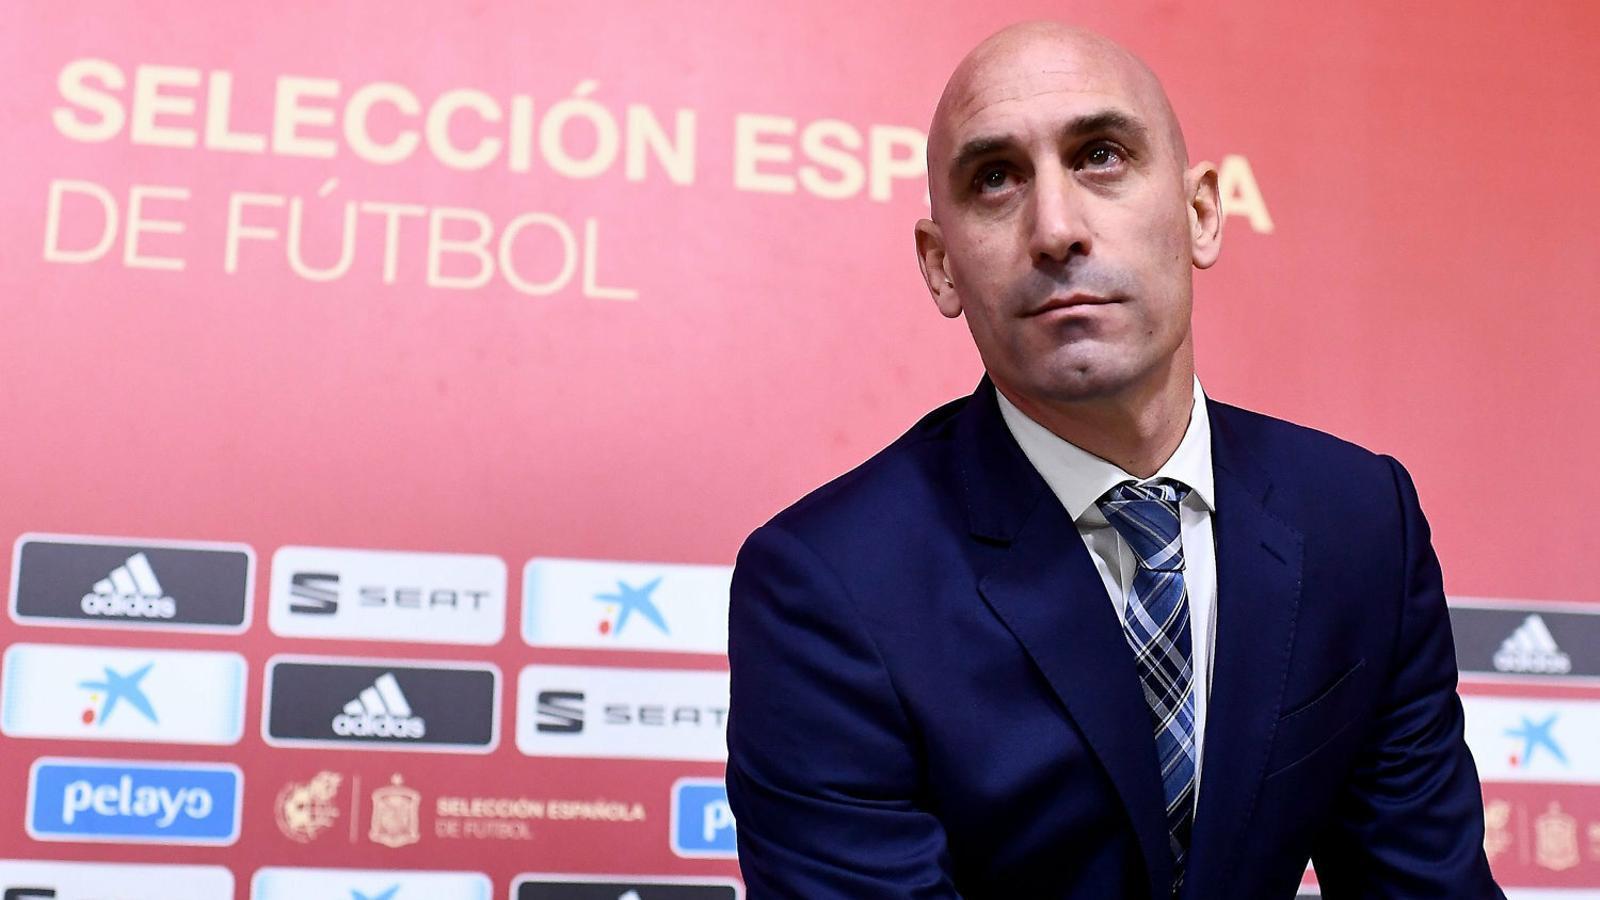 El Barça donarà suport a Rubiales en unes eleccions encara sense data